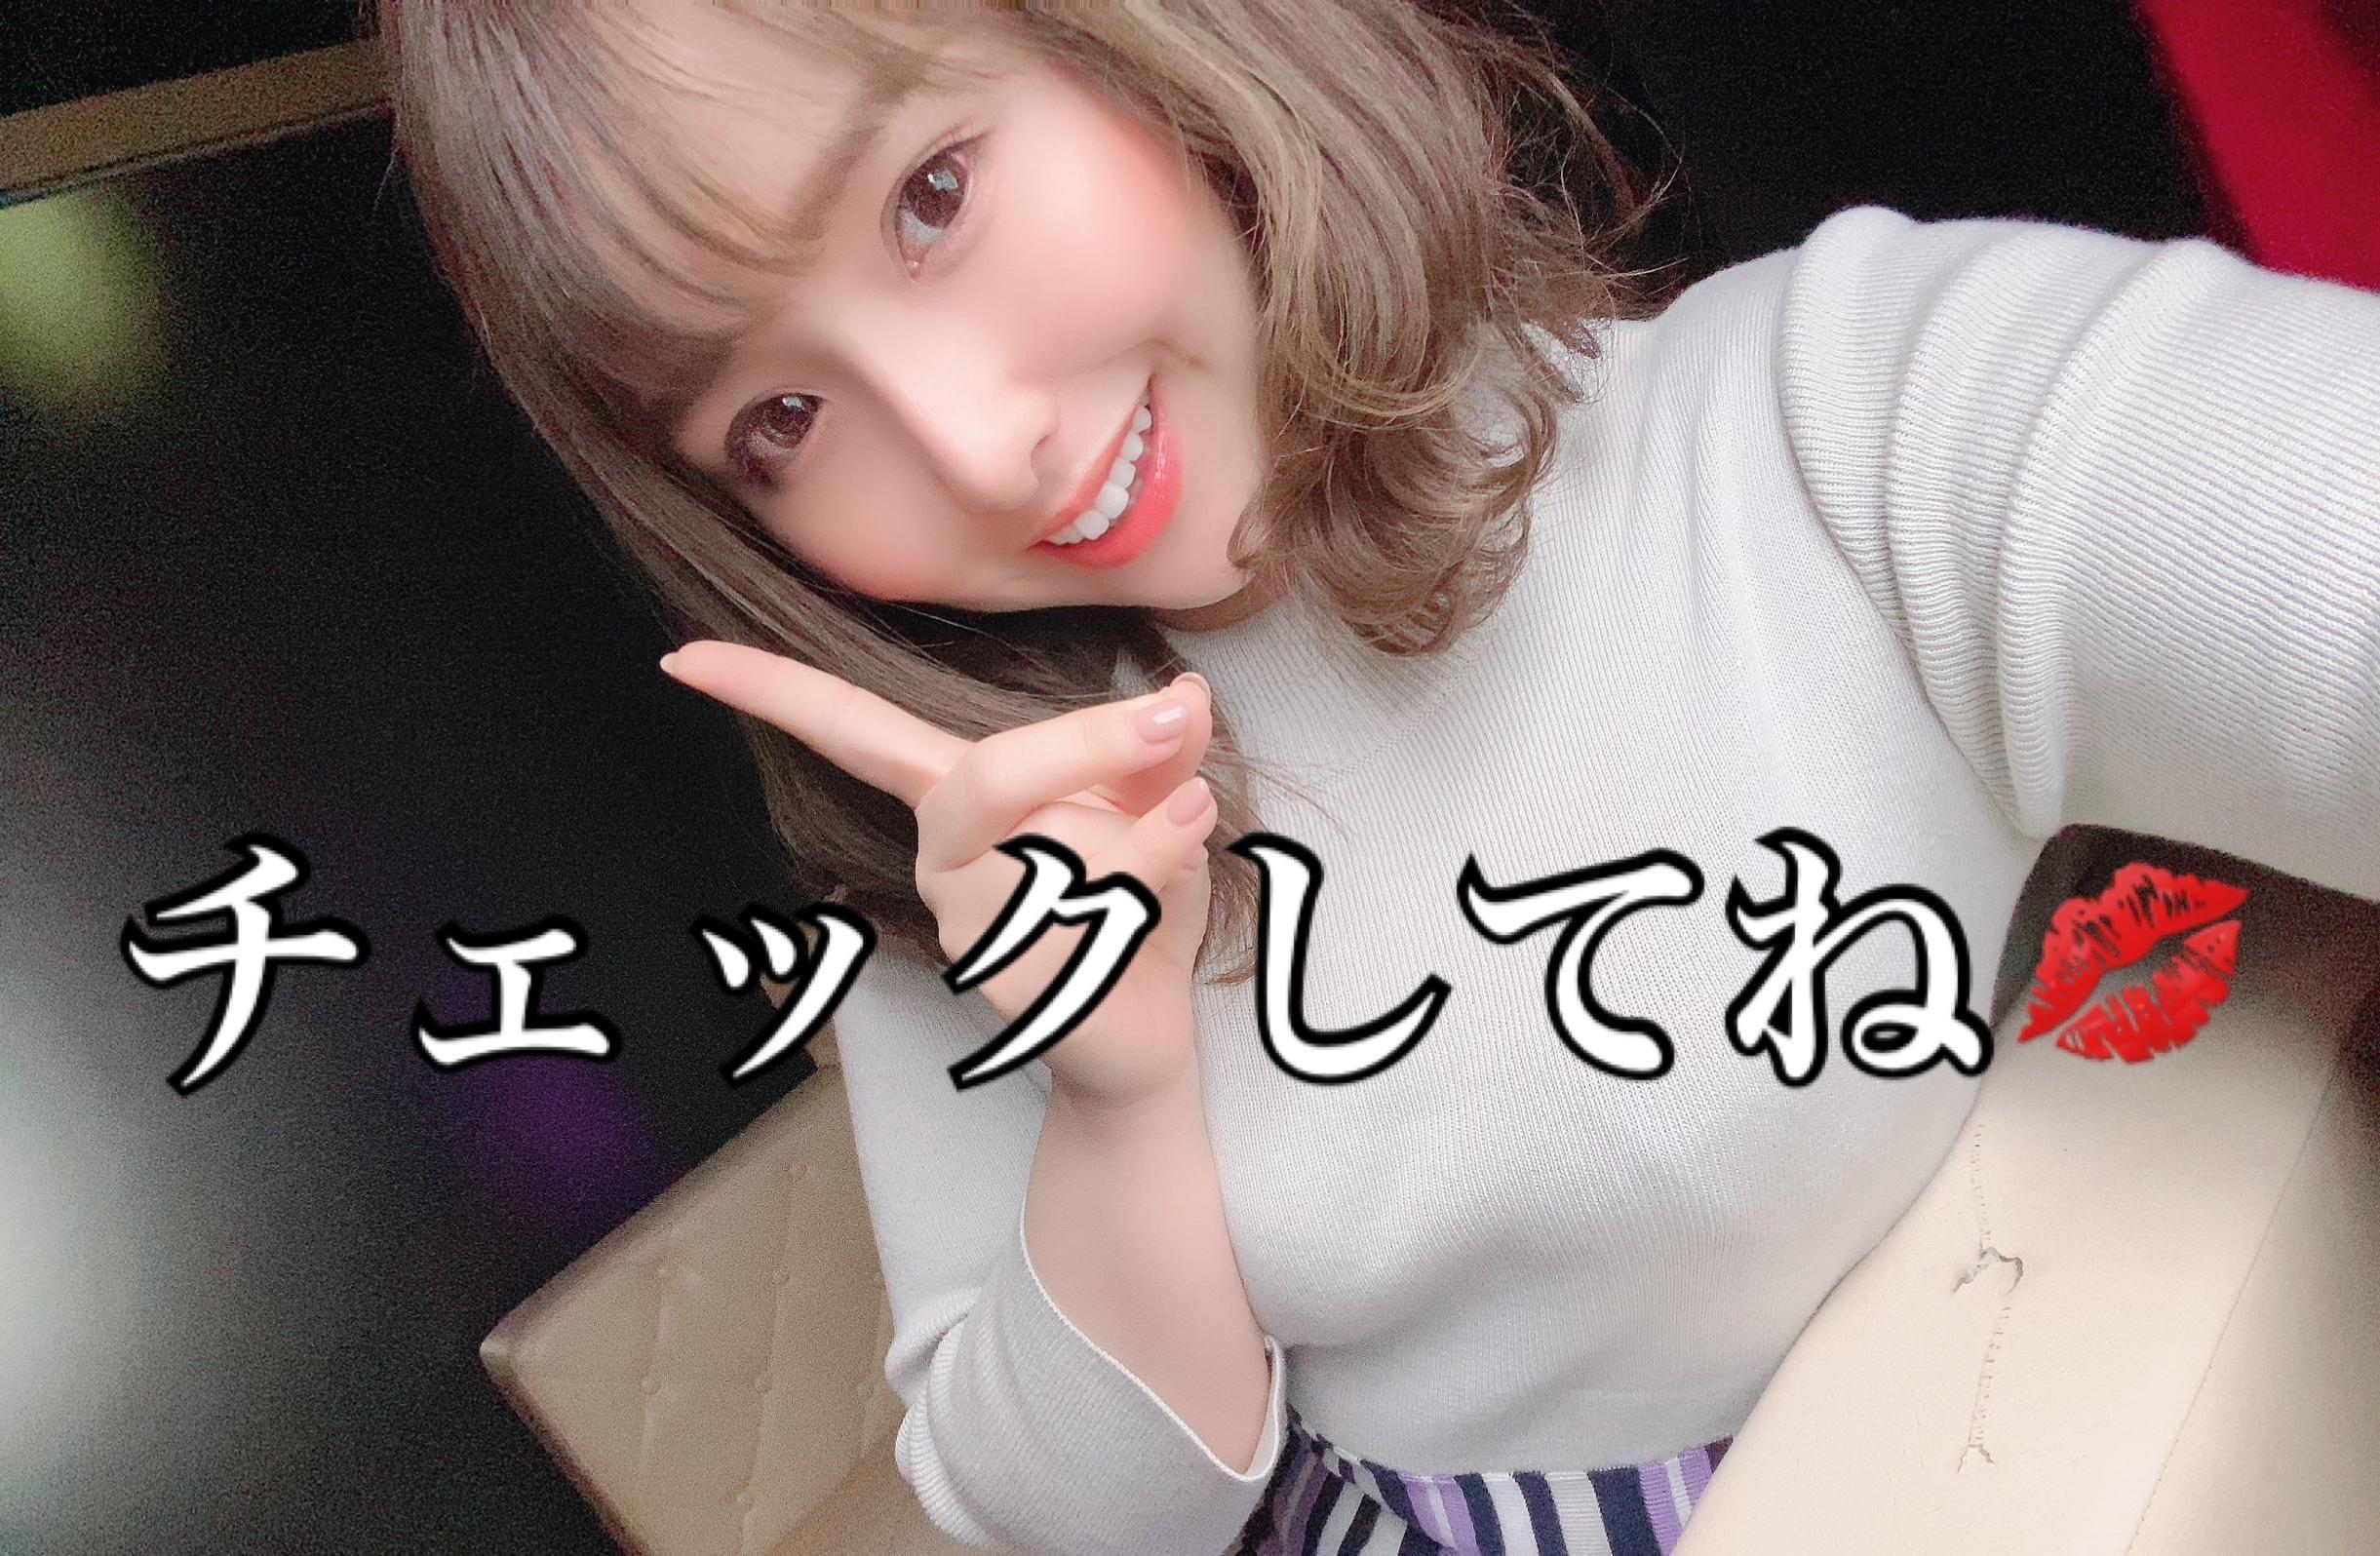 「合言葉❤️」01/22(01/22) 10:00 | ななみの写メ・風俗動画